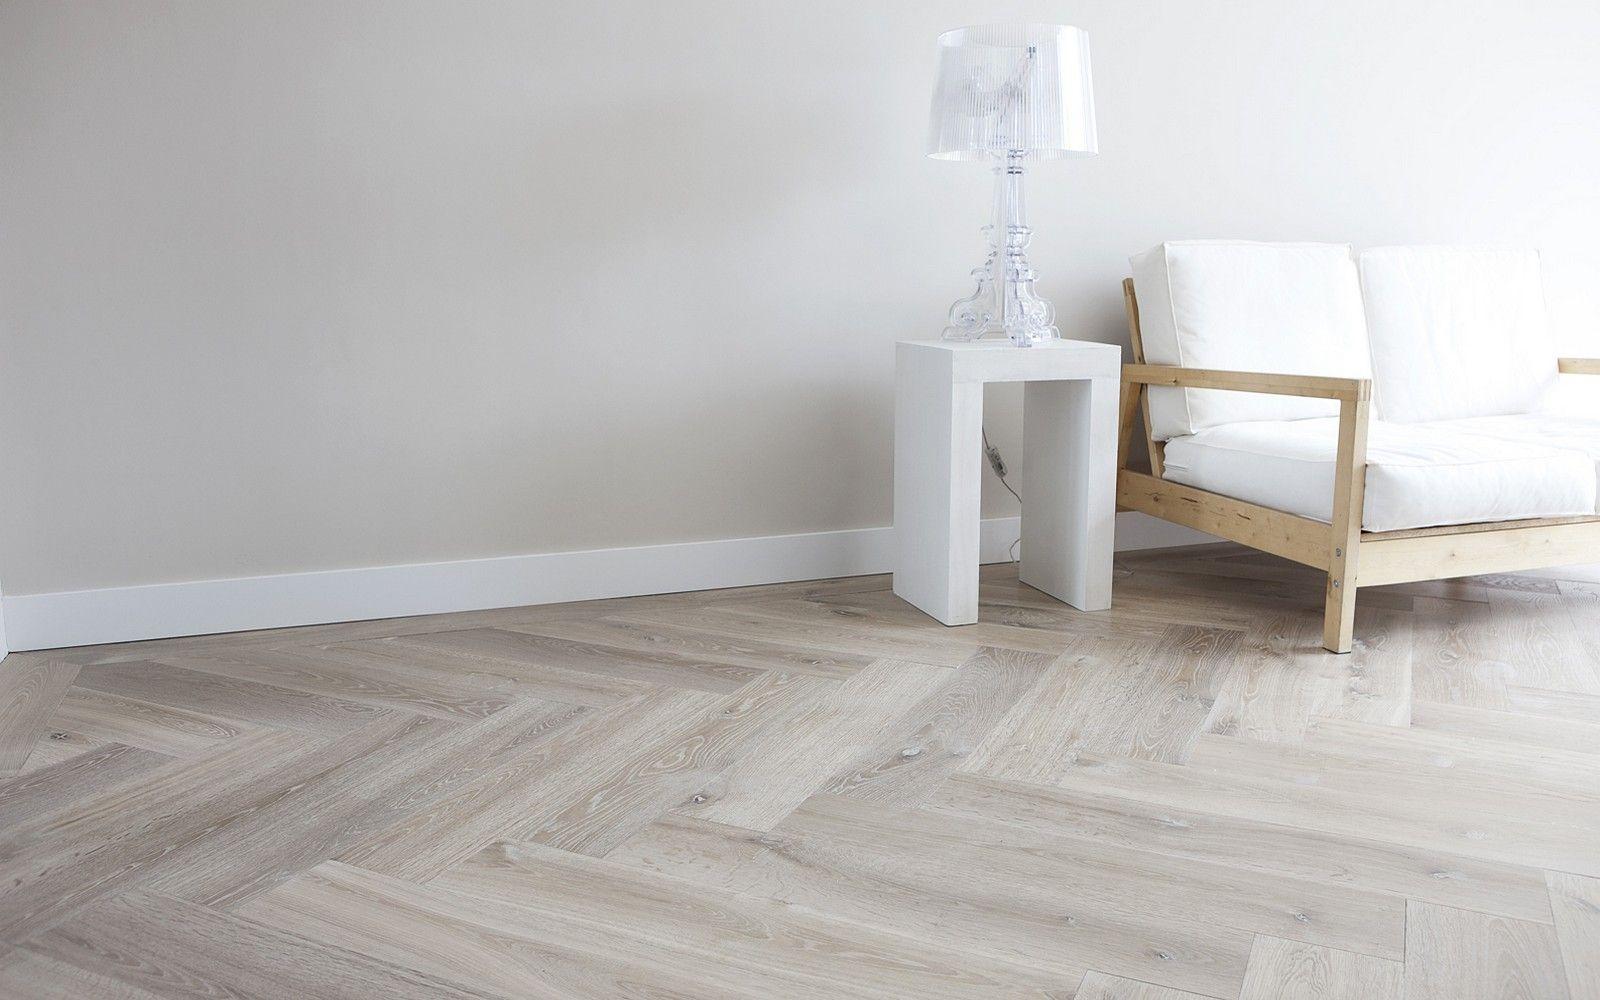 Eiken Houten Vloeren : Visgraat vloer van eiken houten delen welke behandeld is met een